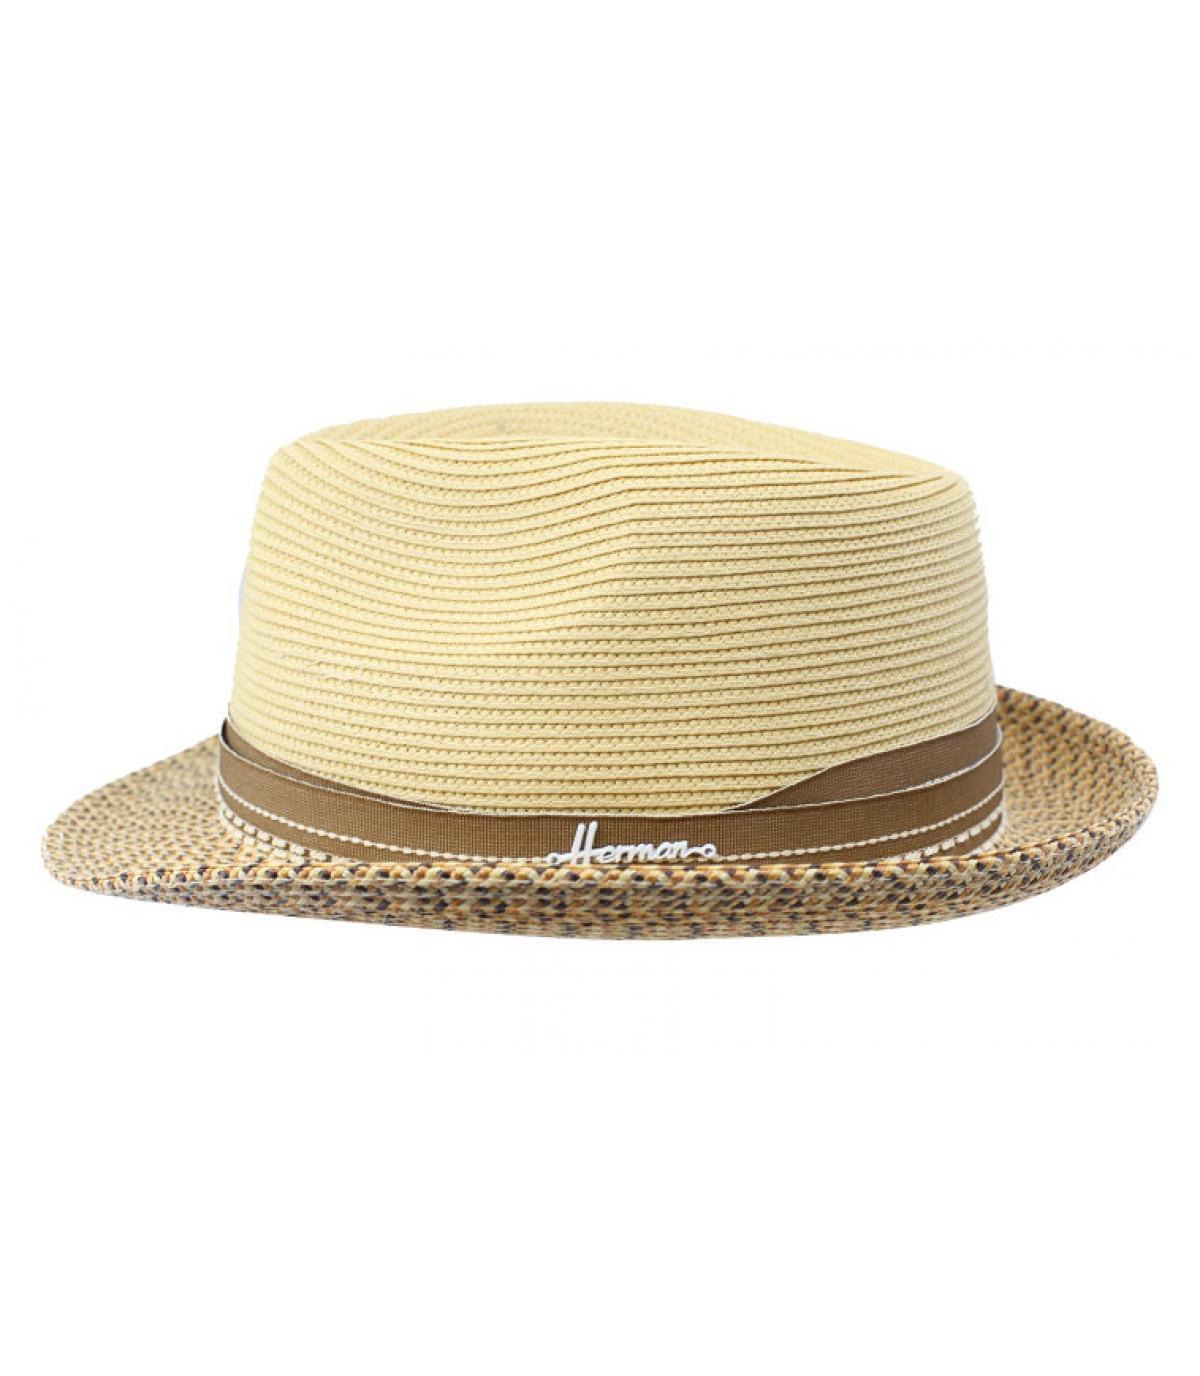 chapeau paille beige déperlant